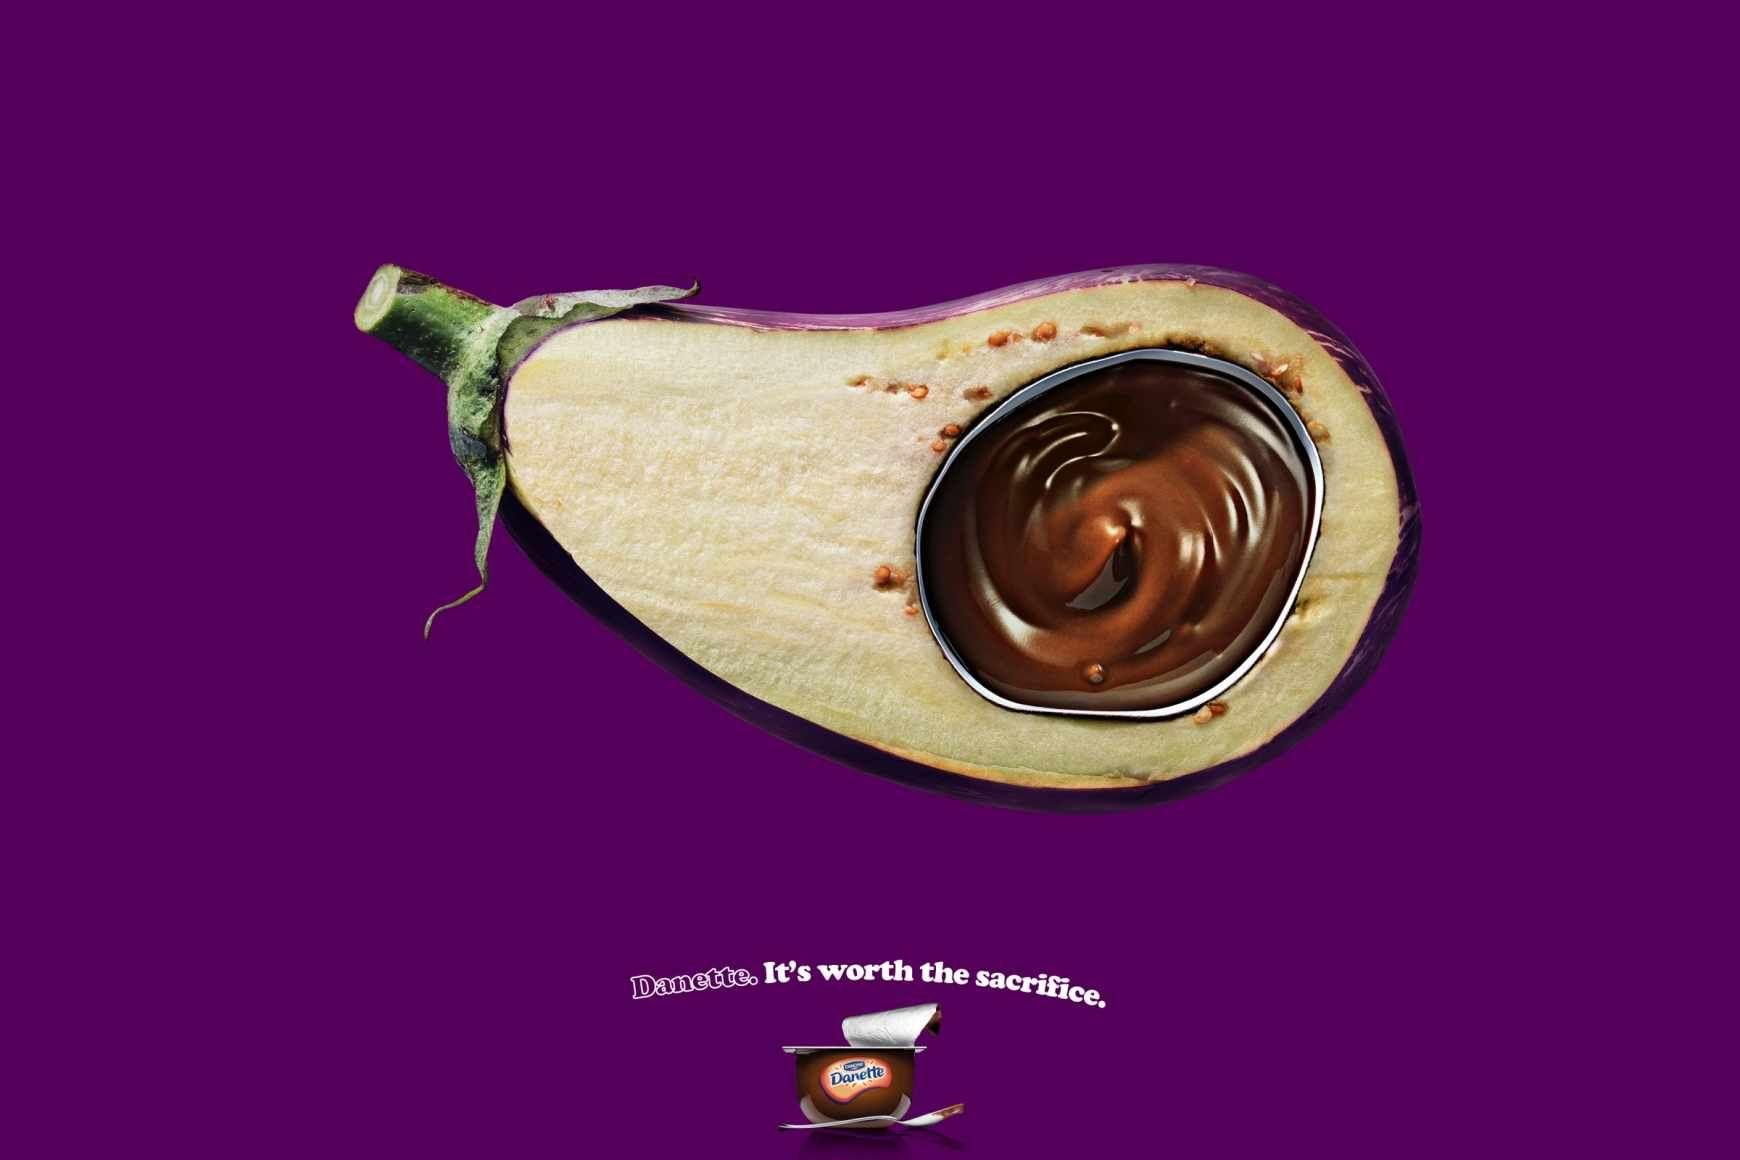 Danone Danette:#ads #marketing #creative #Print Ads #publicidad gráfica. Entre en el fantástico mundo de elcafeatomico.com para descubrir muchas más cosas! #advertising